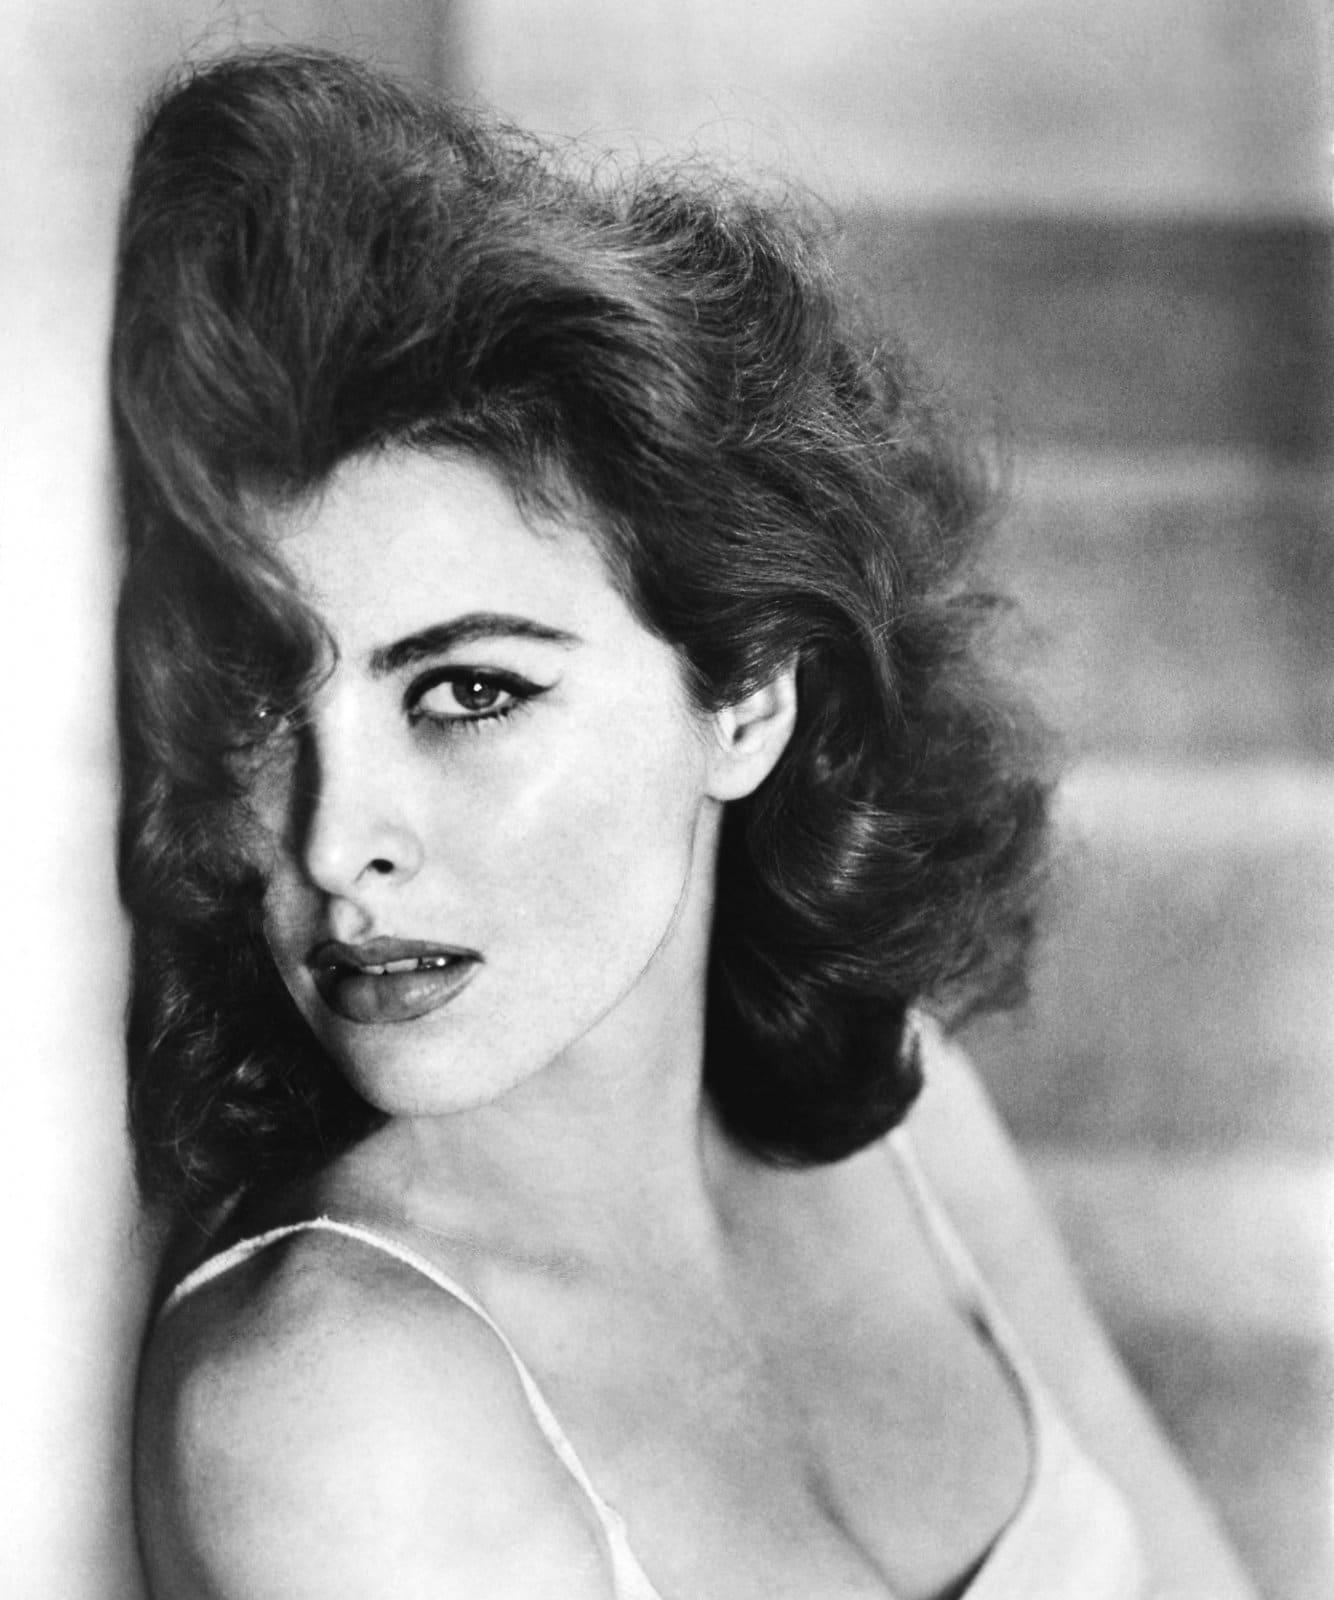 Tina Louise American Actress